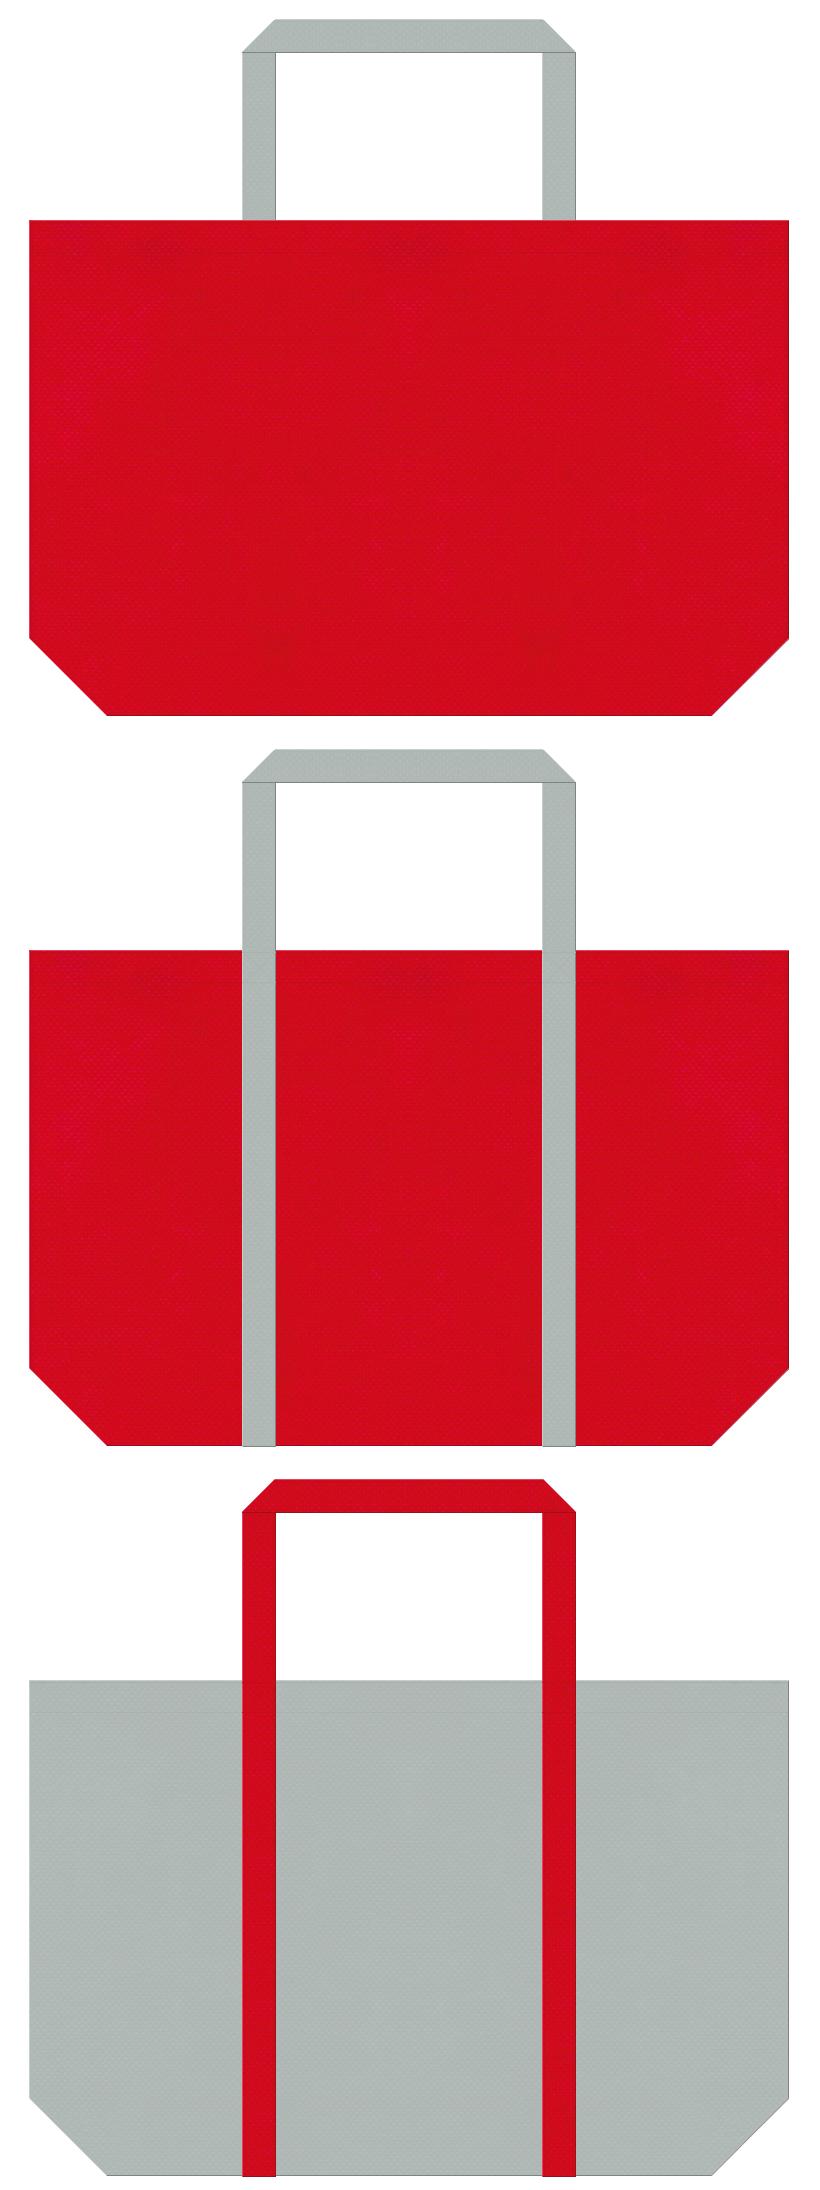 不織布ショッピングバッグのデザイン:紅色とグレー色のコーデ。ロボット・プラモデル・ラジコン等のホビー商品のショッピングバッグにお奨めです。